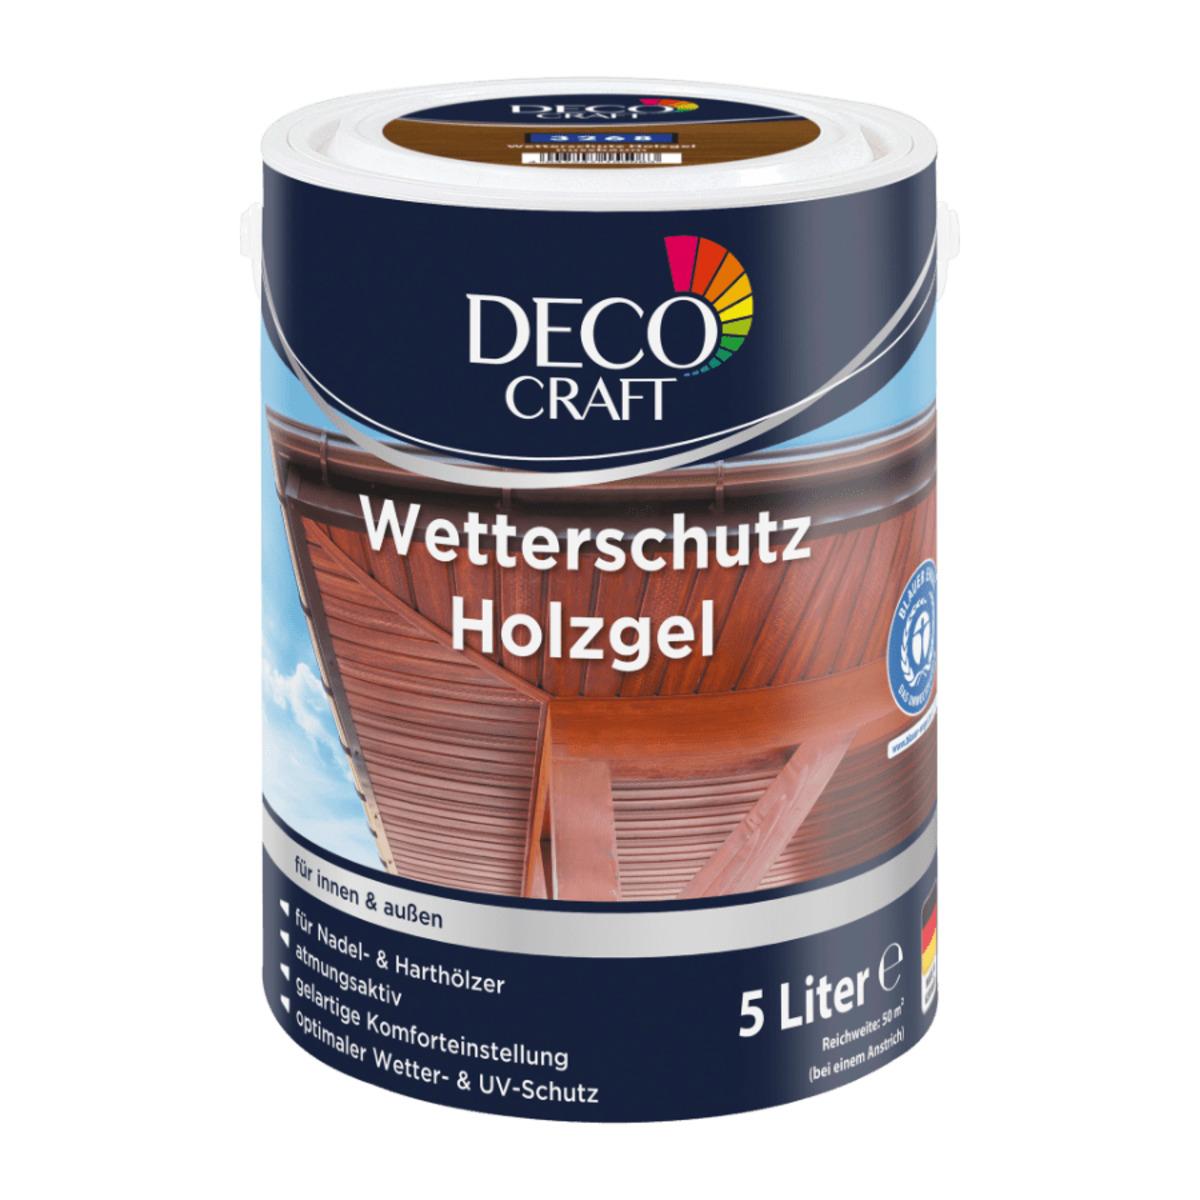 Bild 5 von DECO CRAFT     Wetterschutz Holzgel